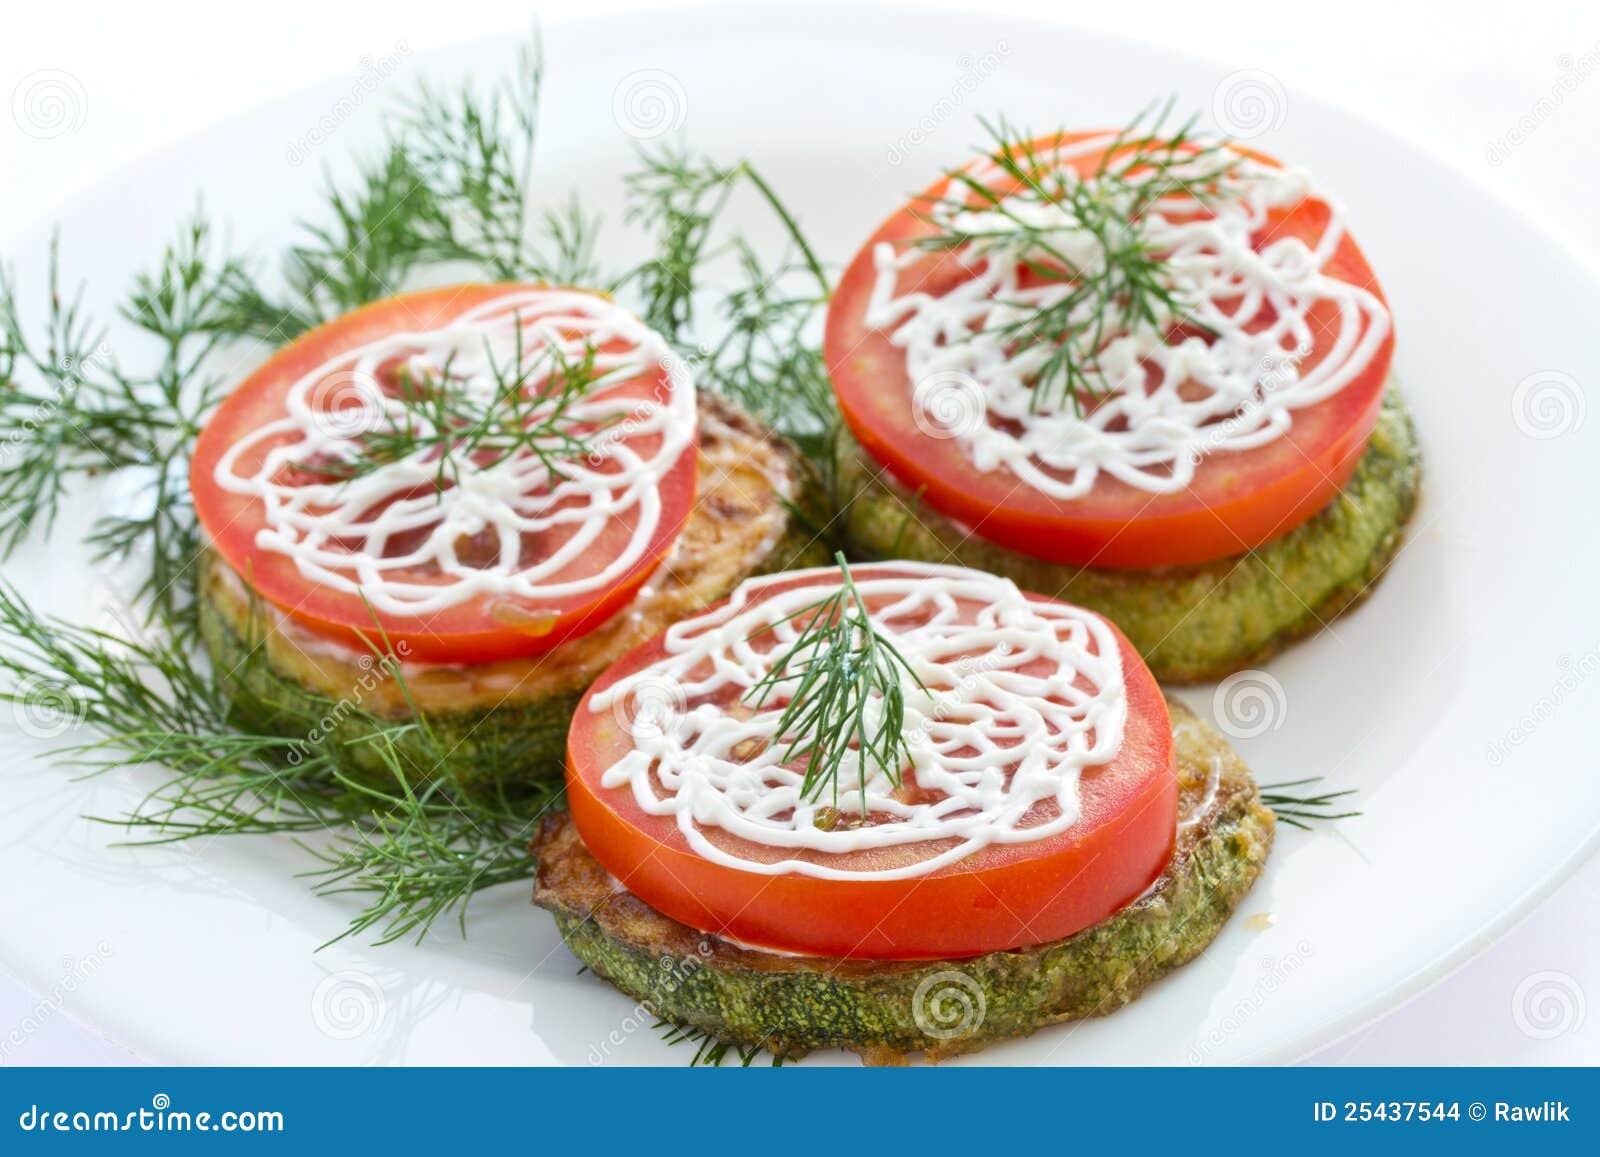 Рецепт жареных кабачков с чесноком и помидорами рецепт